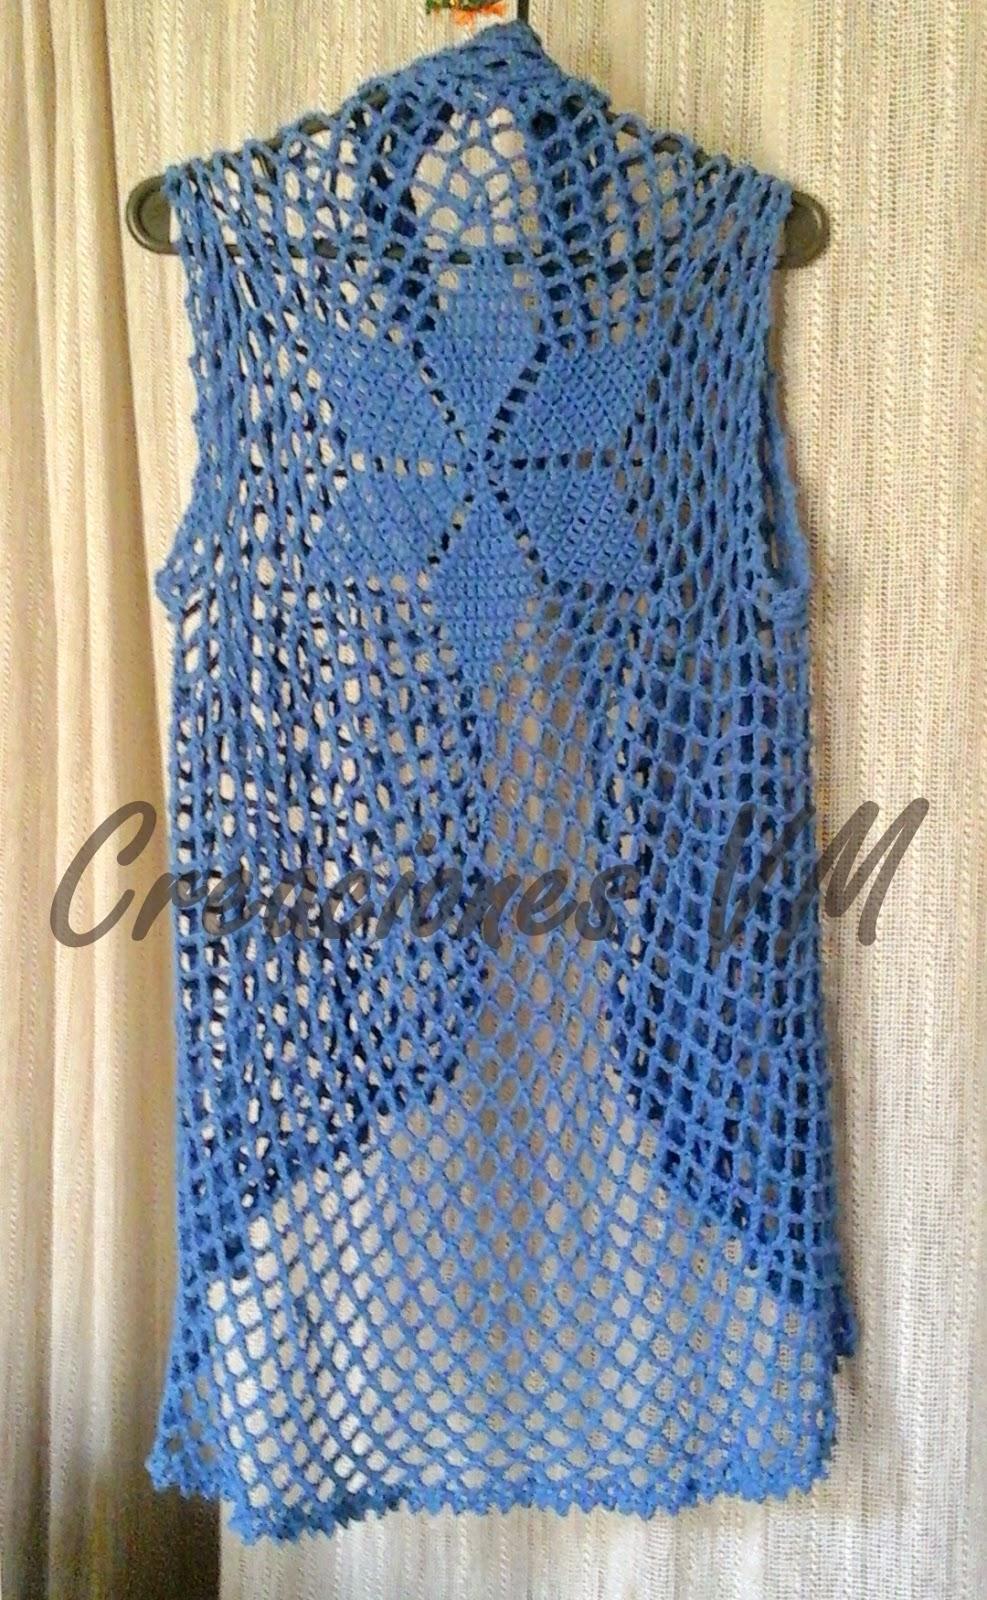 tejido artesanal de Mar del Plata